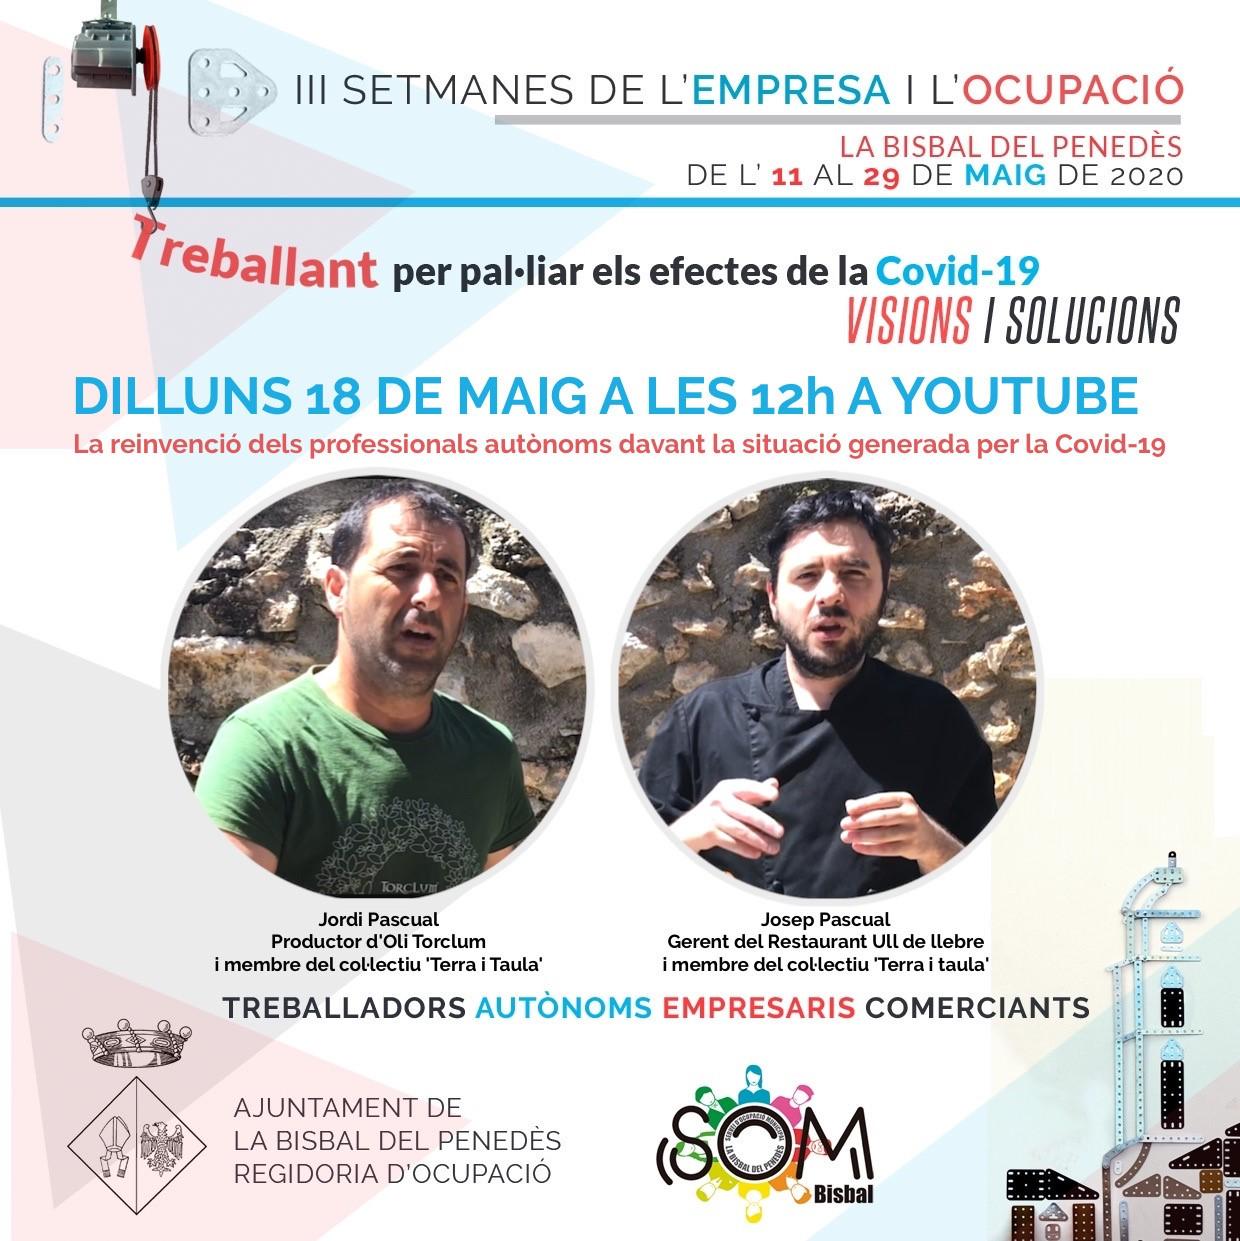 Xerrada amb dos bisbalencs membres del col·lectiu Terra i Taula: Jordi Pascual (Oli Torclum) i Josep Pascual (Rest. Ull de Llebre)